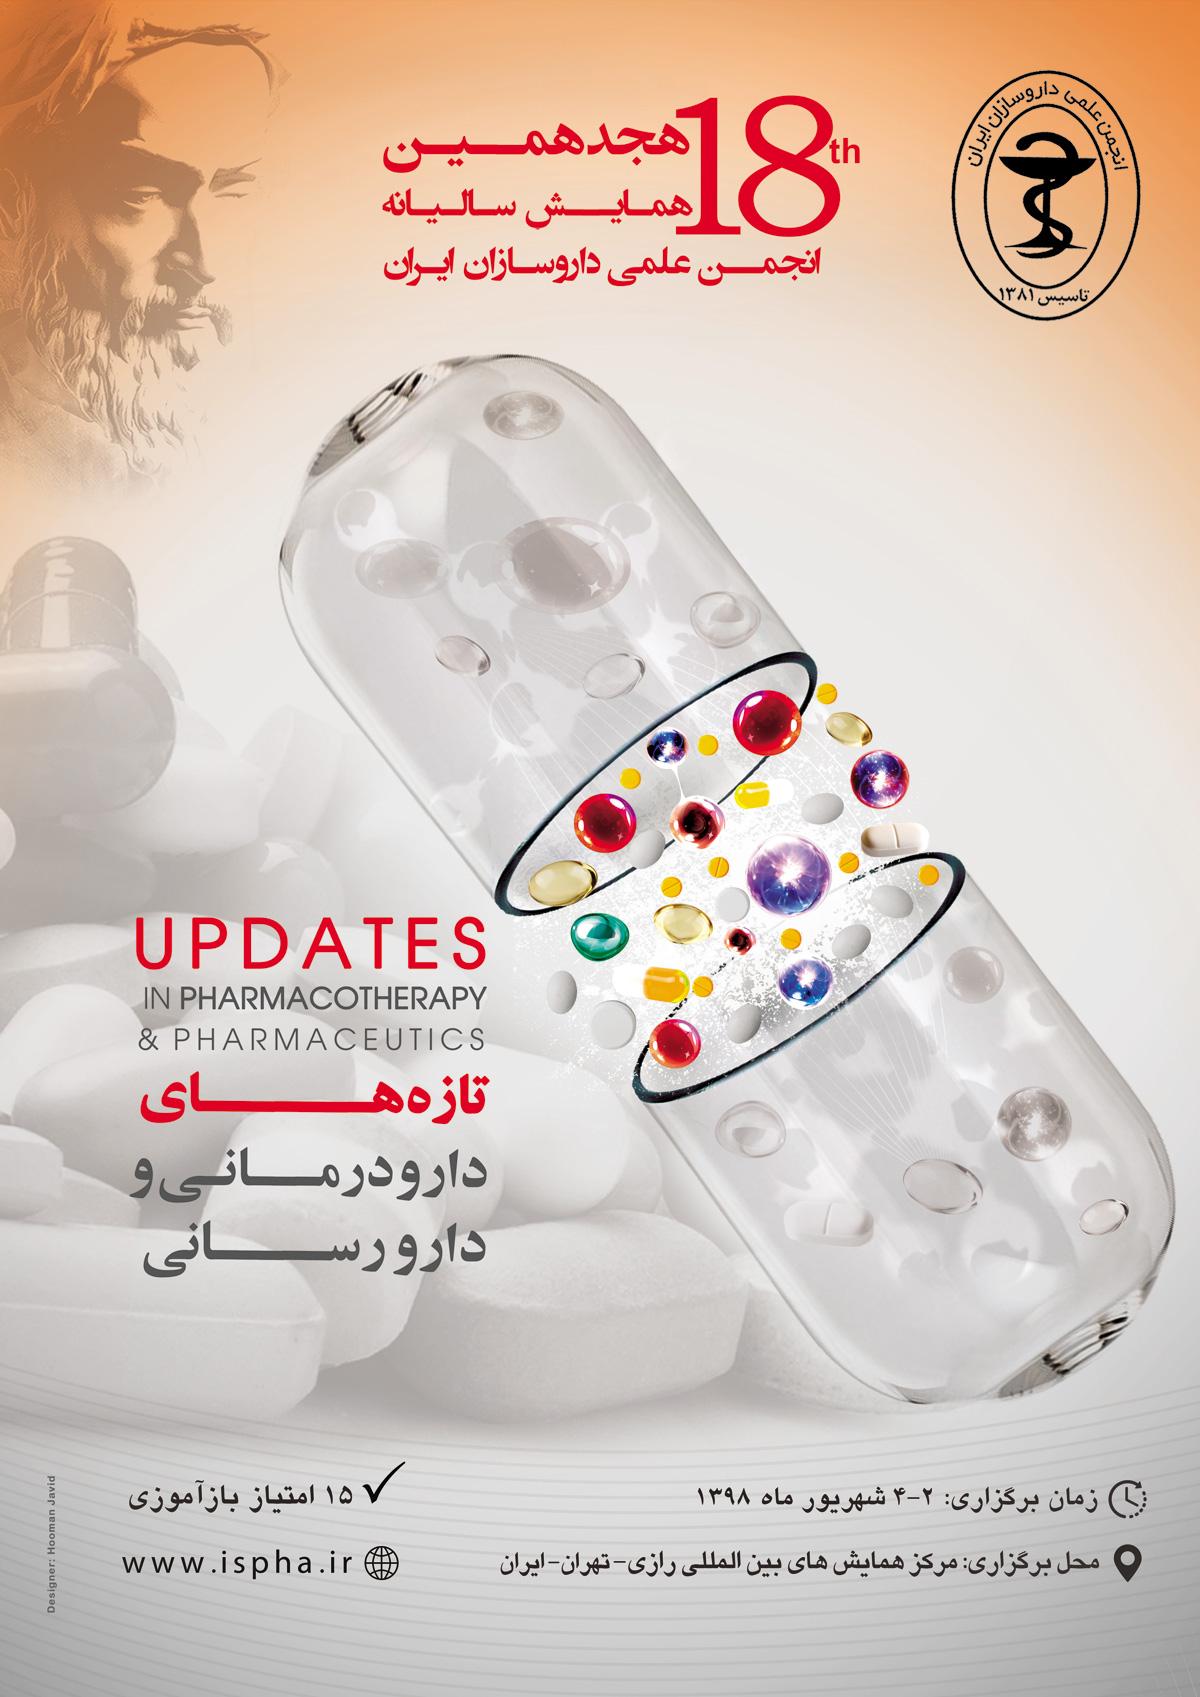 هجدهمین همایش سالیانه انجمن علمی داروسازان ایران - تازه های دارو درمانی و دارو رسانی